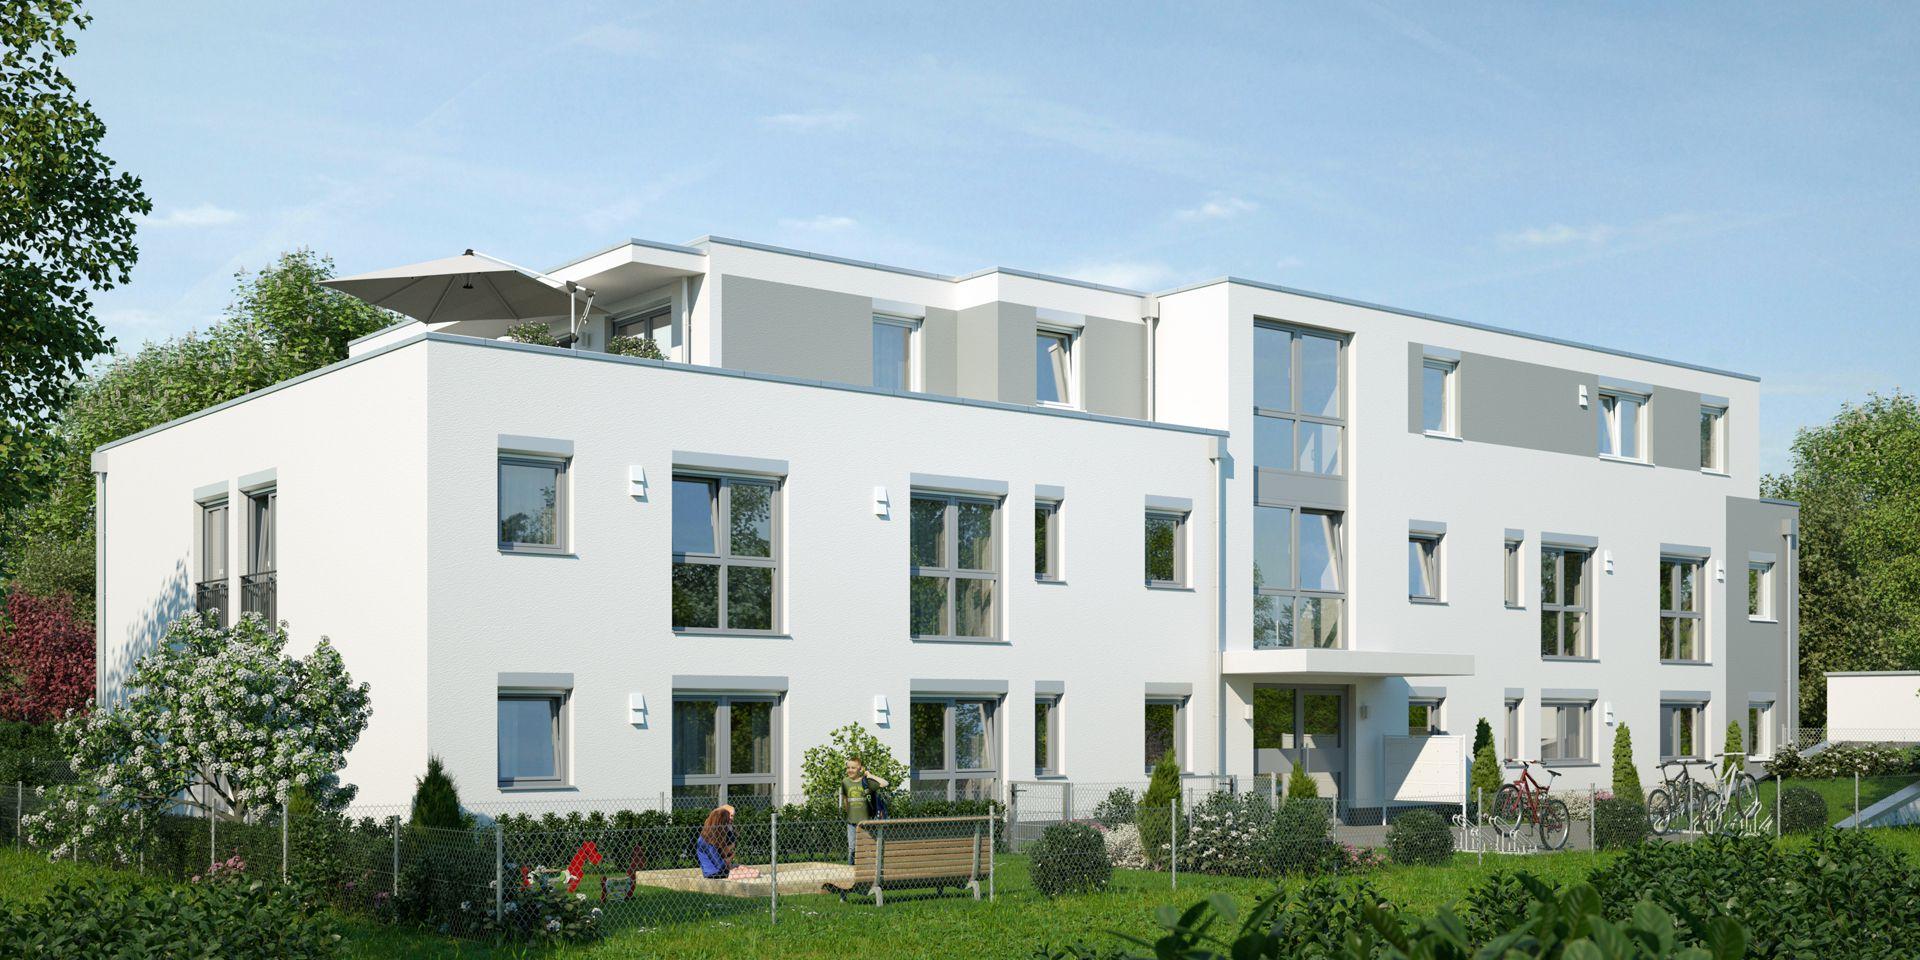 Visualisierung Mehrfamilienhaus München Eingang